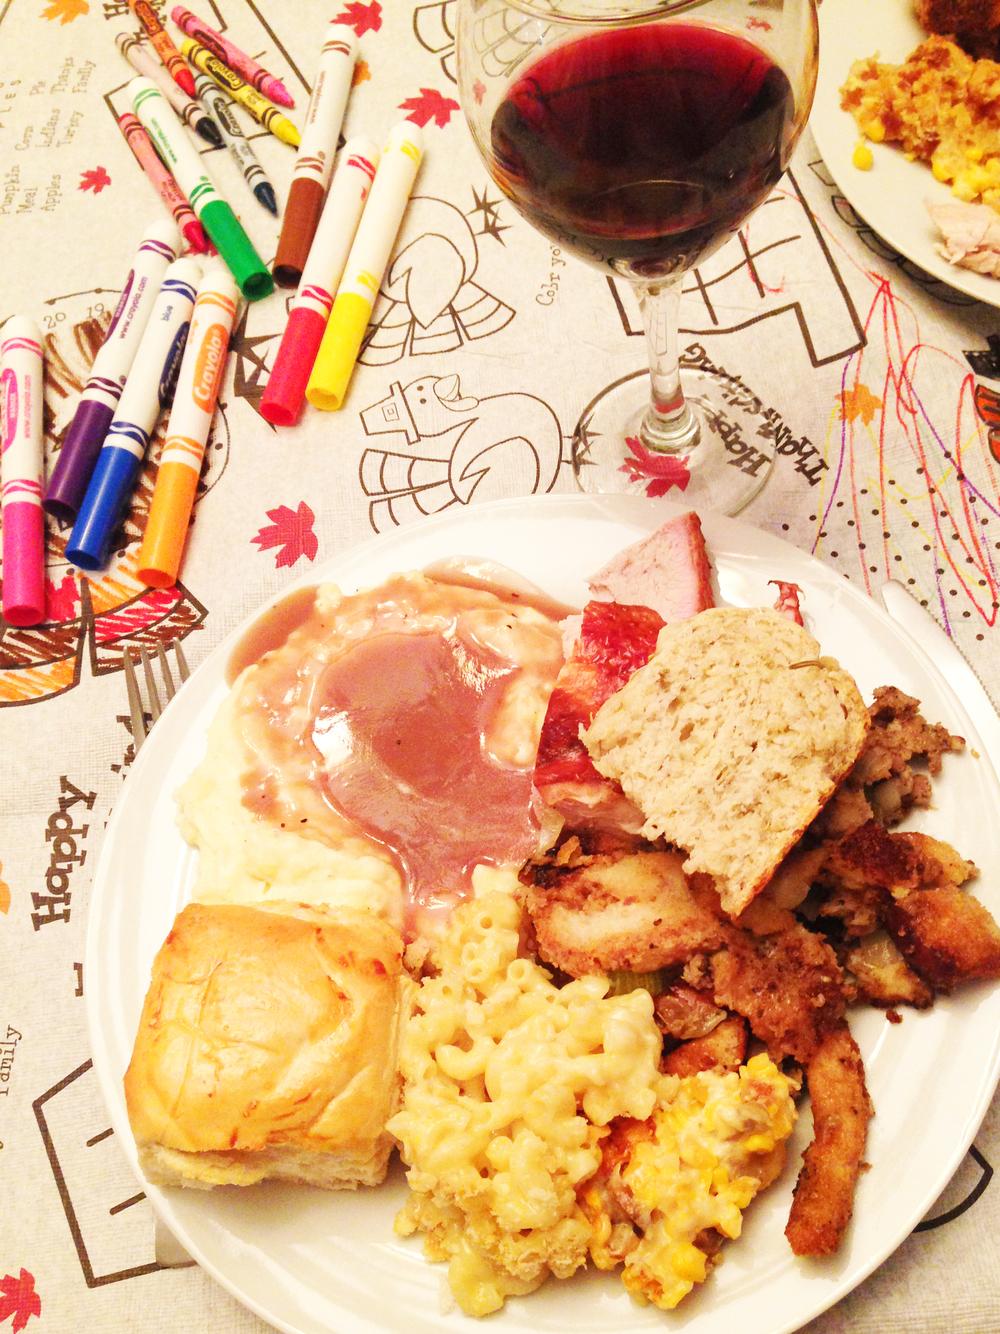 Food closeup